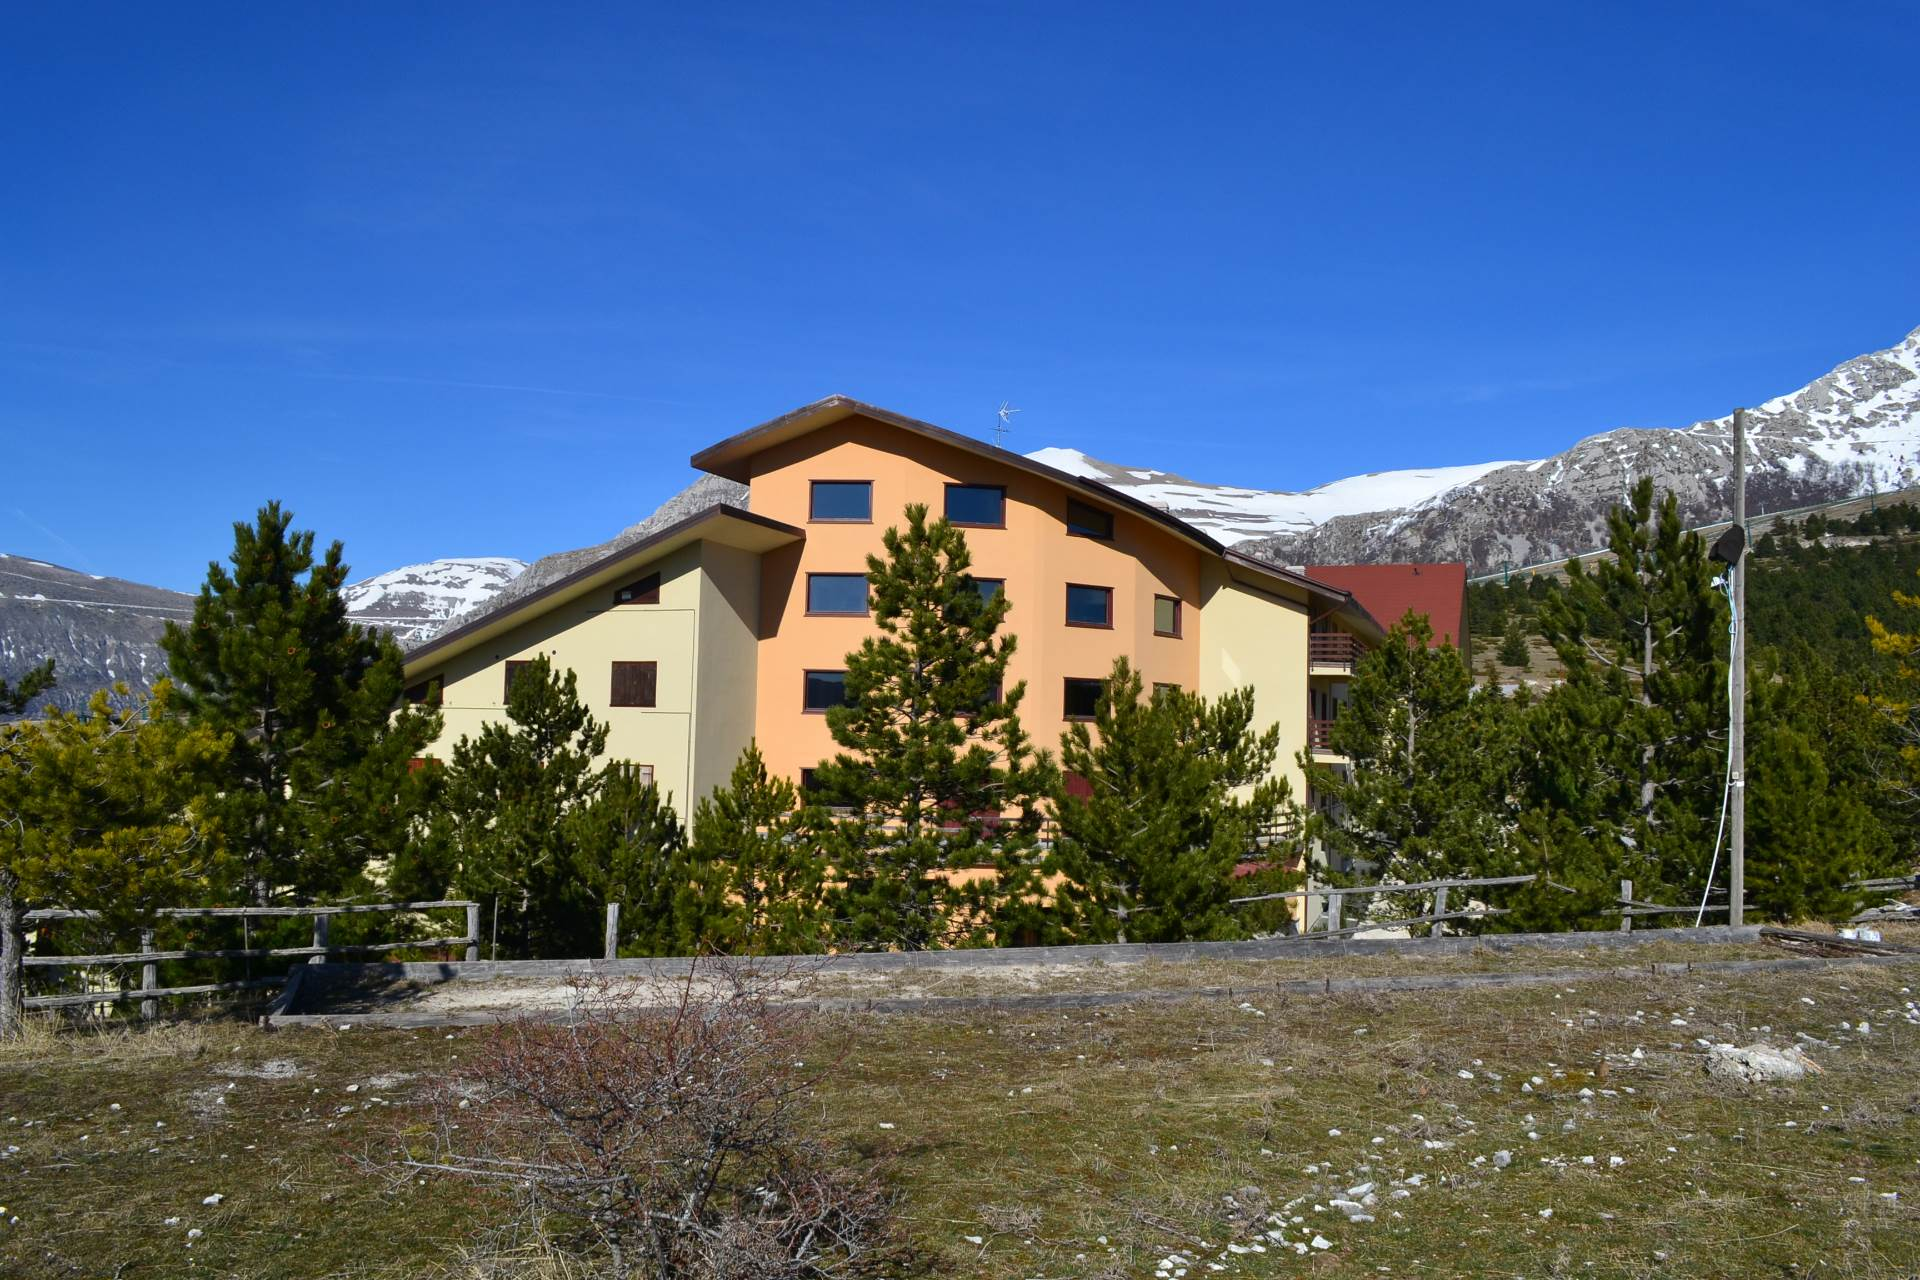 Appartamento in vendita a Ussita, 3 locali, zona Località: Frontignano, prezzo € 60.000 | Cambio Casa.it